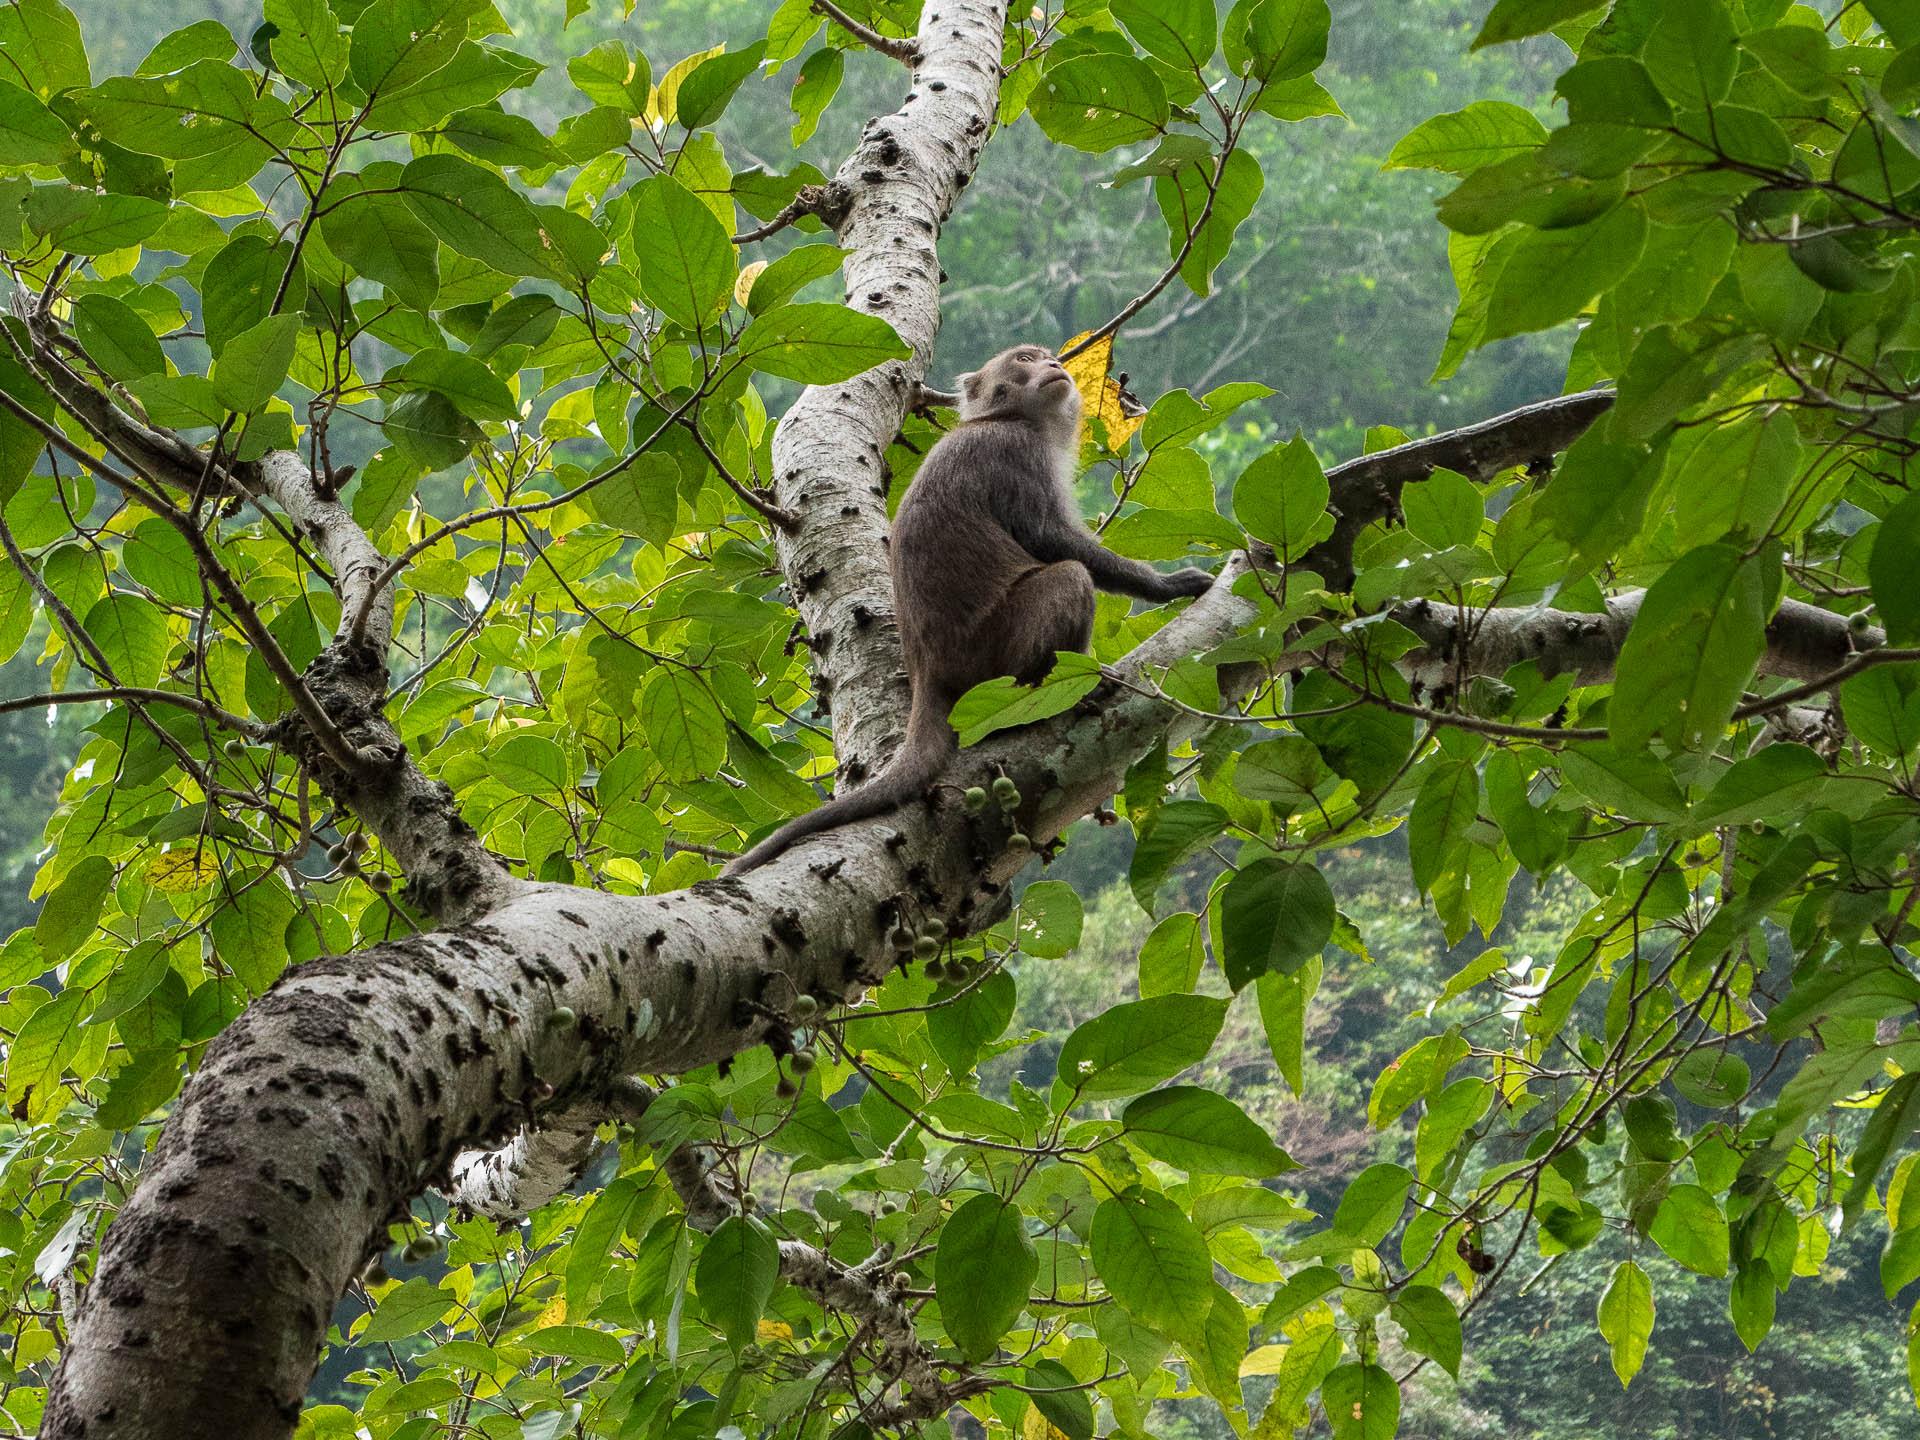 taroko singe - Les globe blogueurs - blog voyage nature